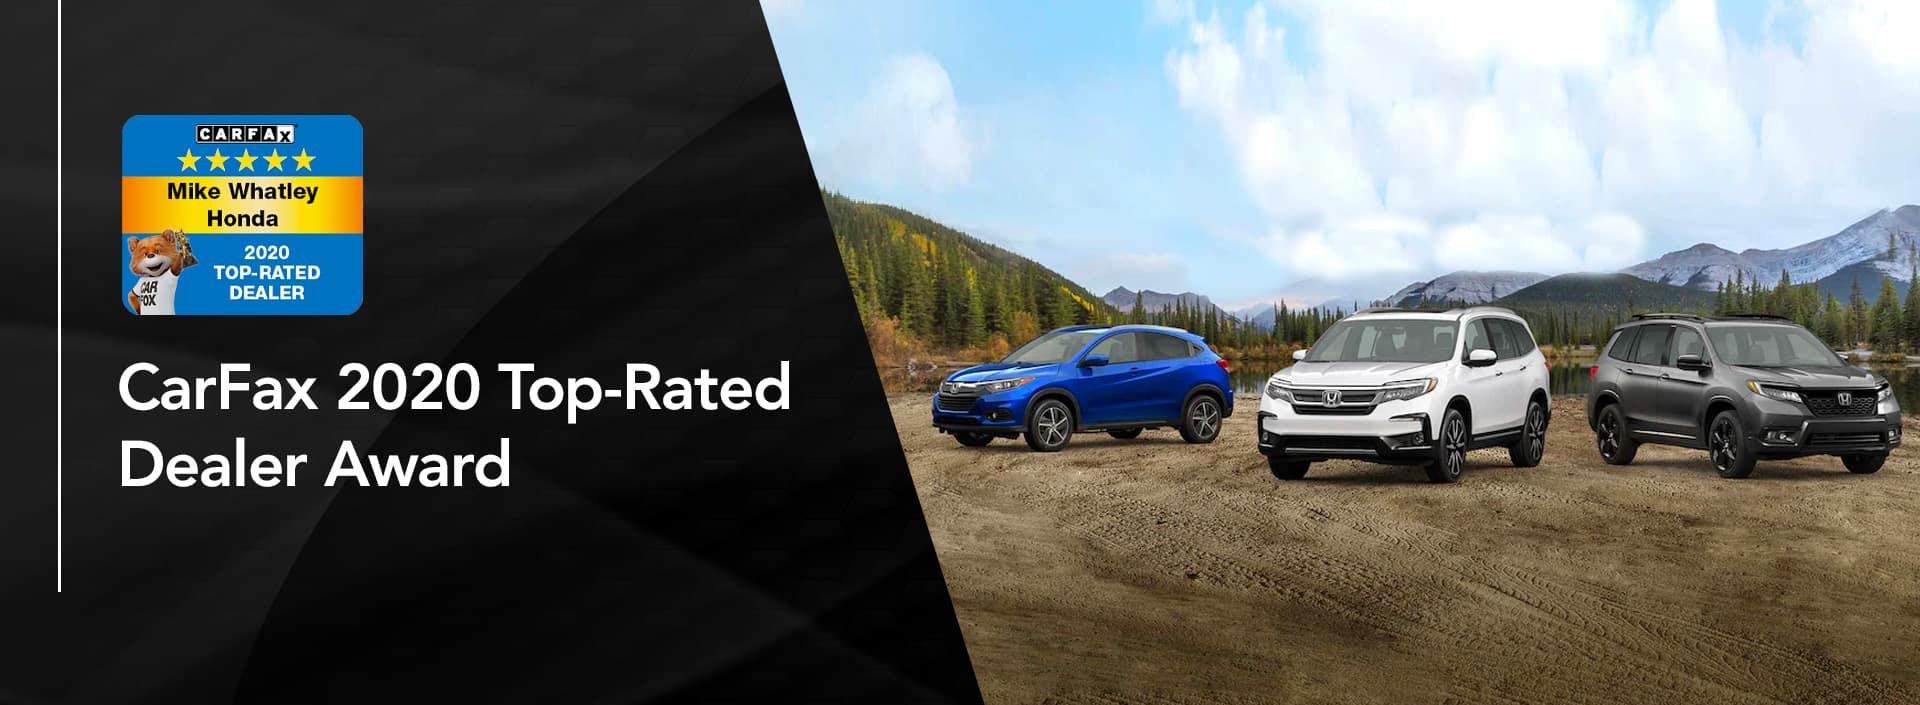 CarFax 2020 Top-Rated Dealer Award